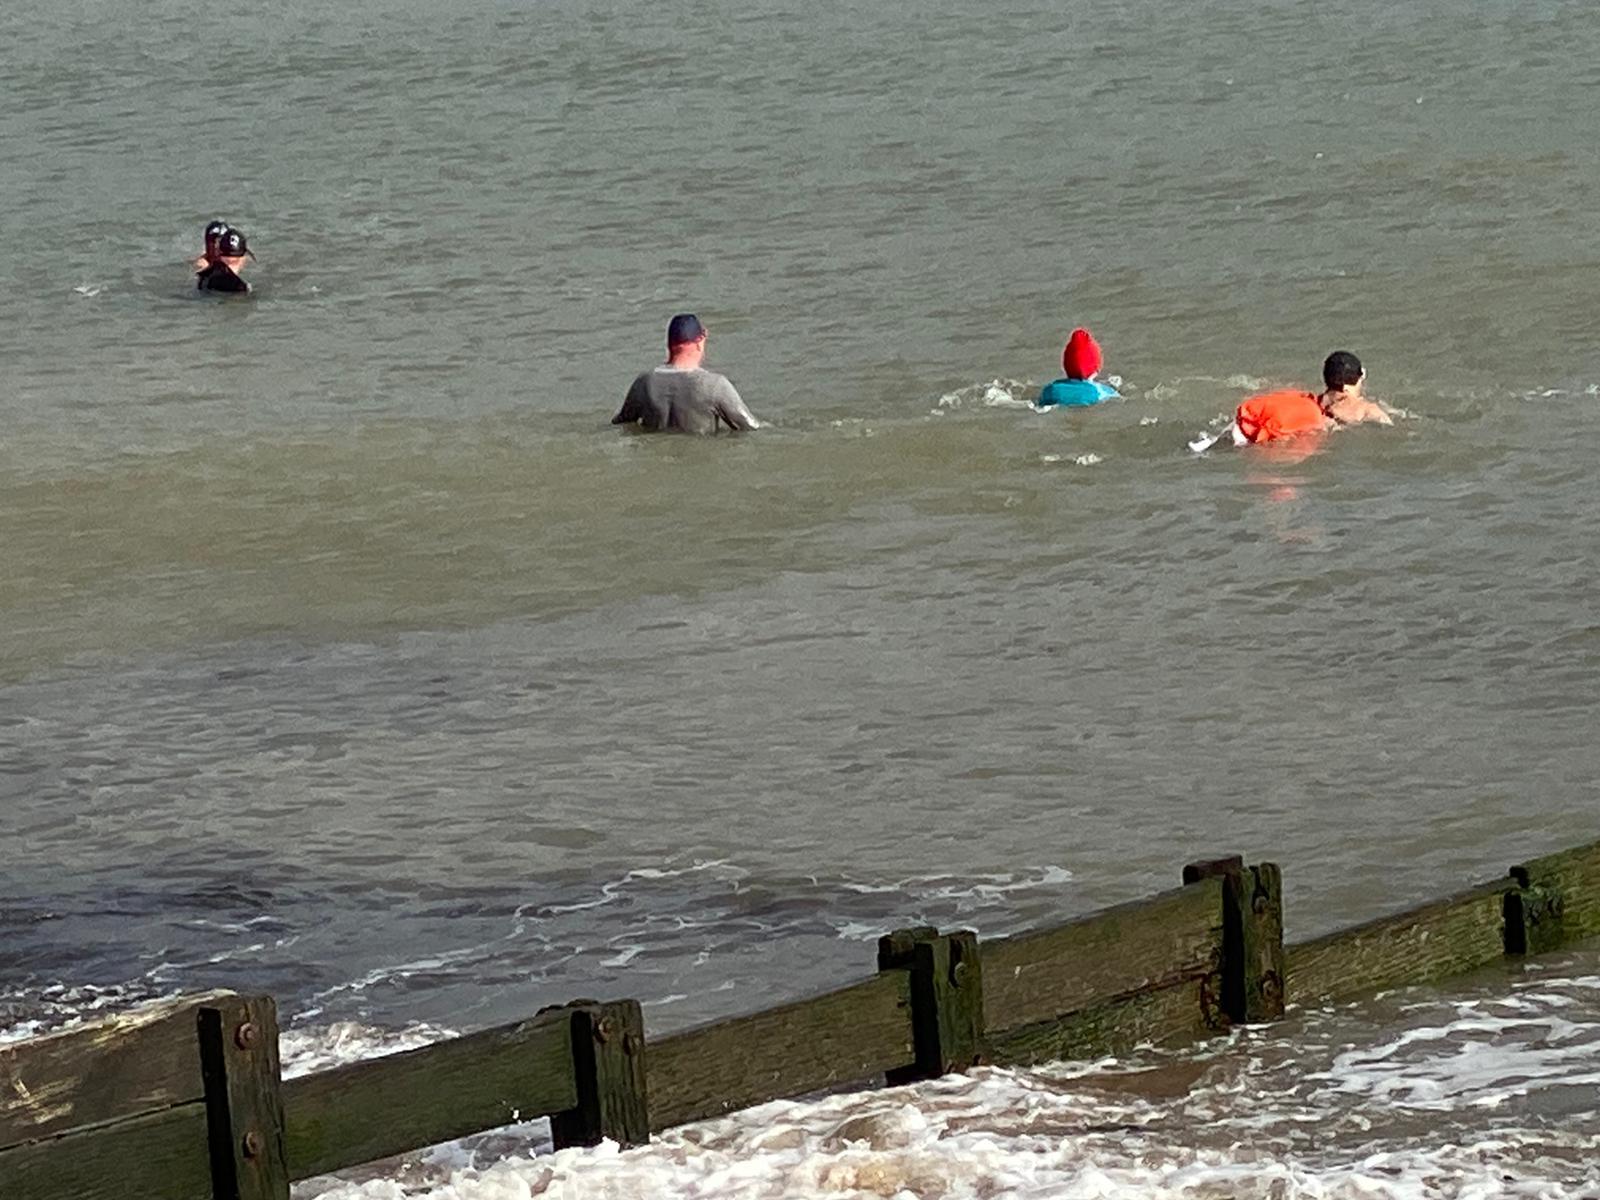 Swimming in the sea in the UK-3ba97078-c634-4d66-b92b-3f3e182ef3be-jpeg